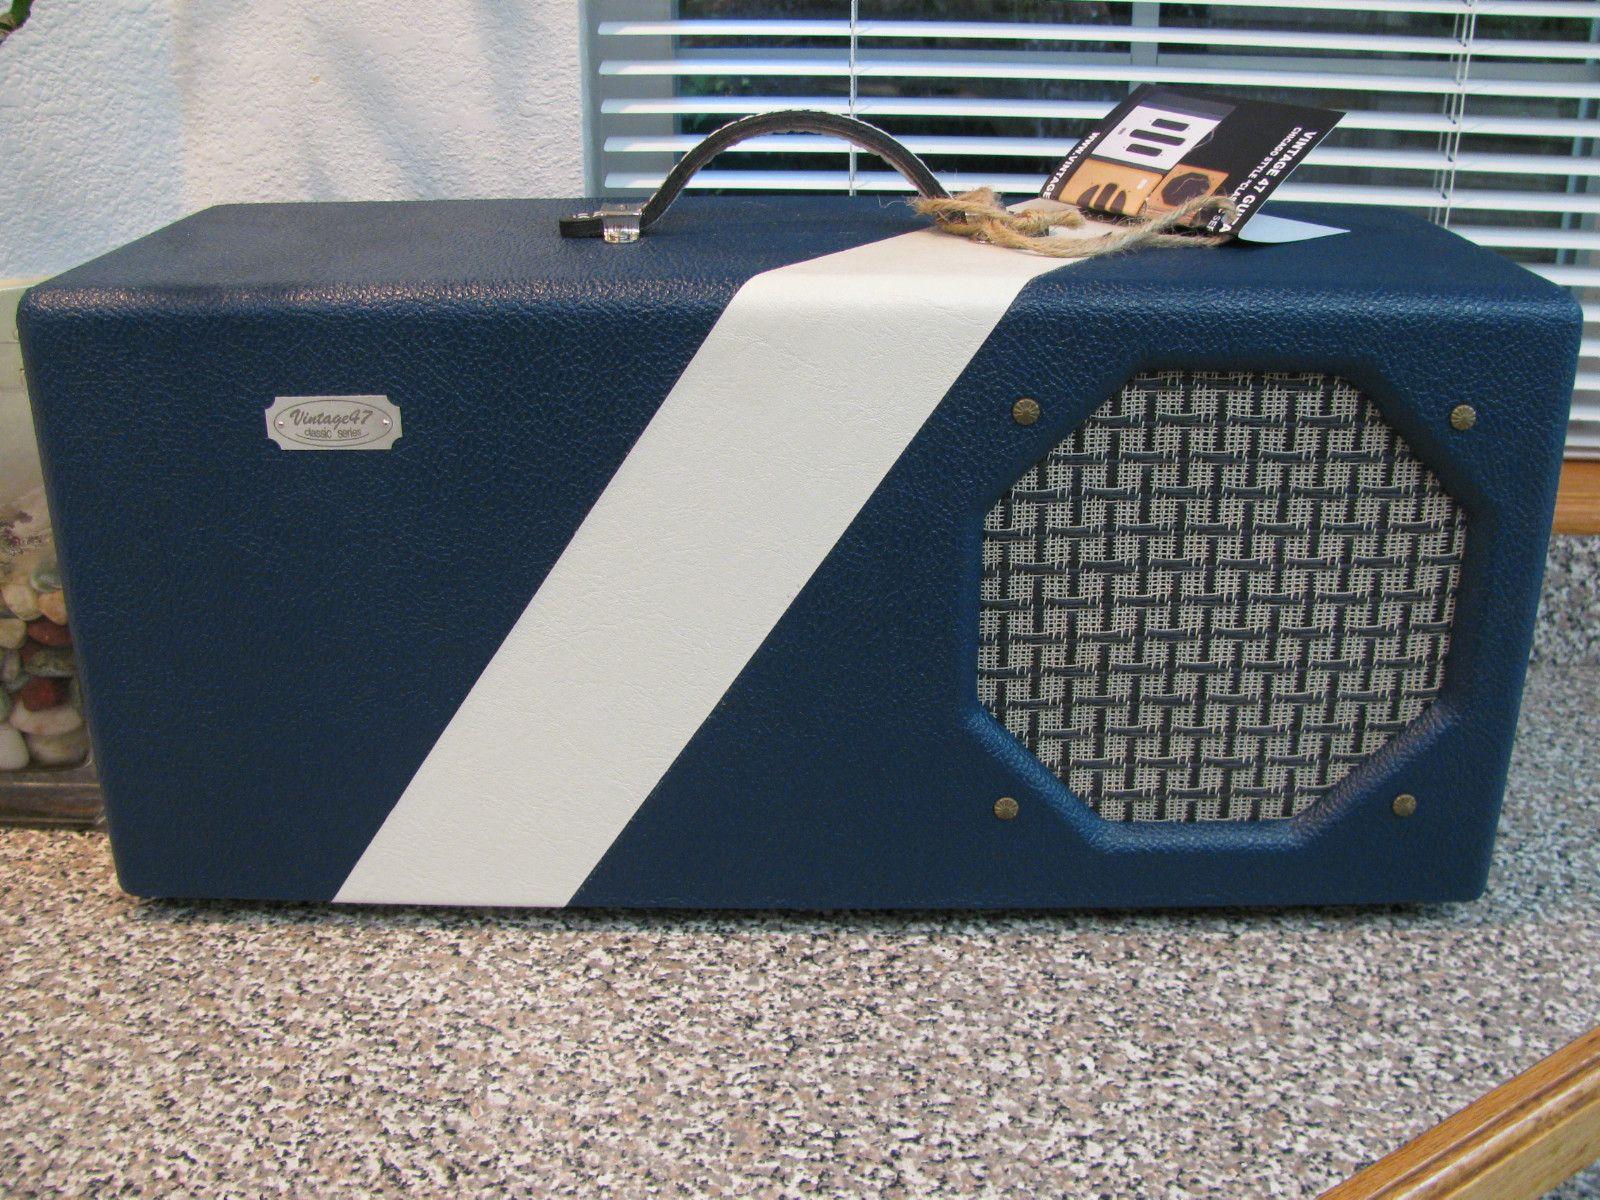 Gitarrenverstärker Oahu Koffer Schlagzeug Marineblau Gitarren Internet Bass Amps Gretsch